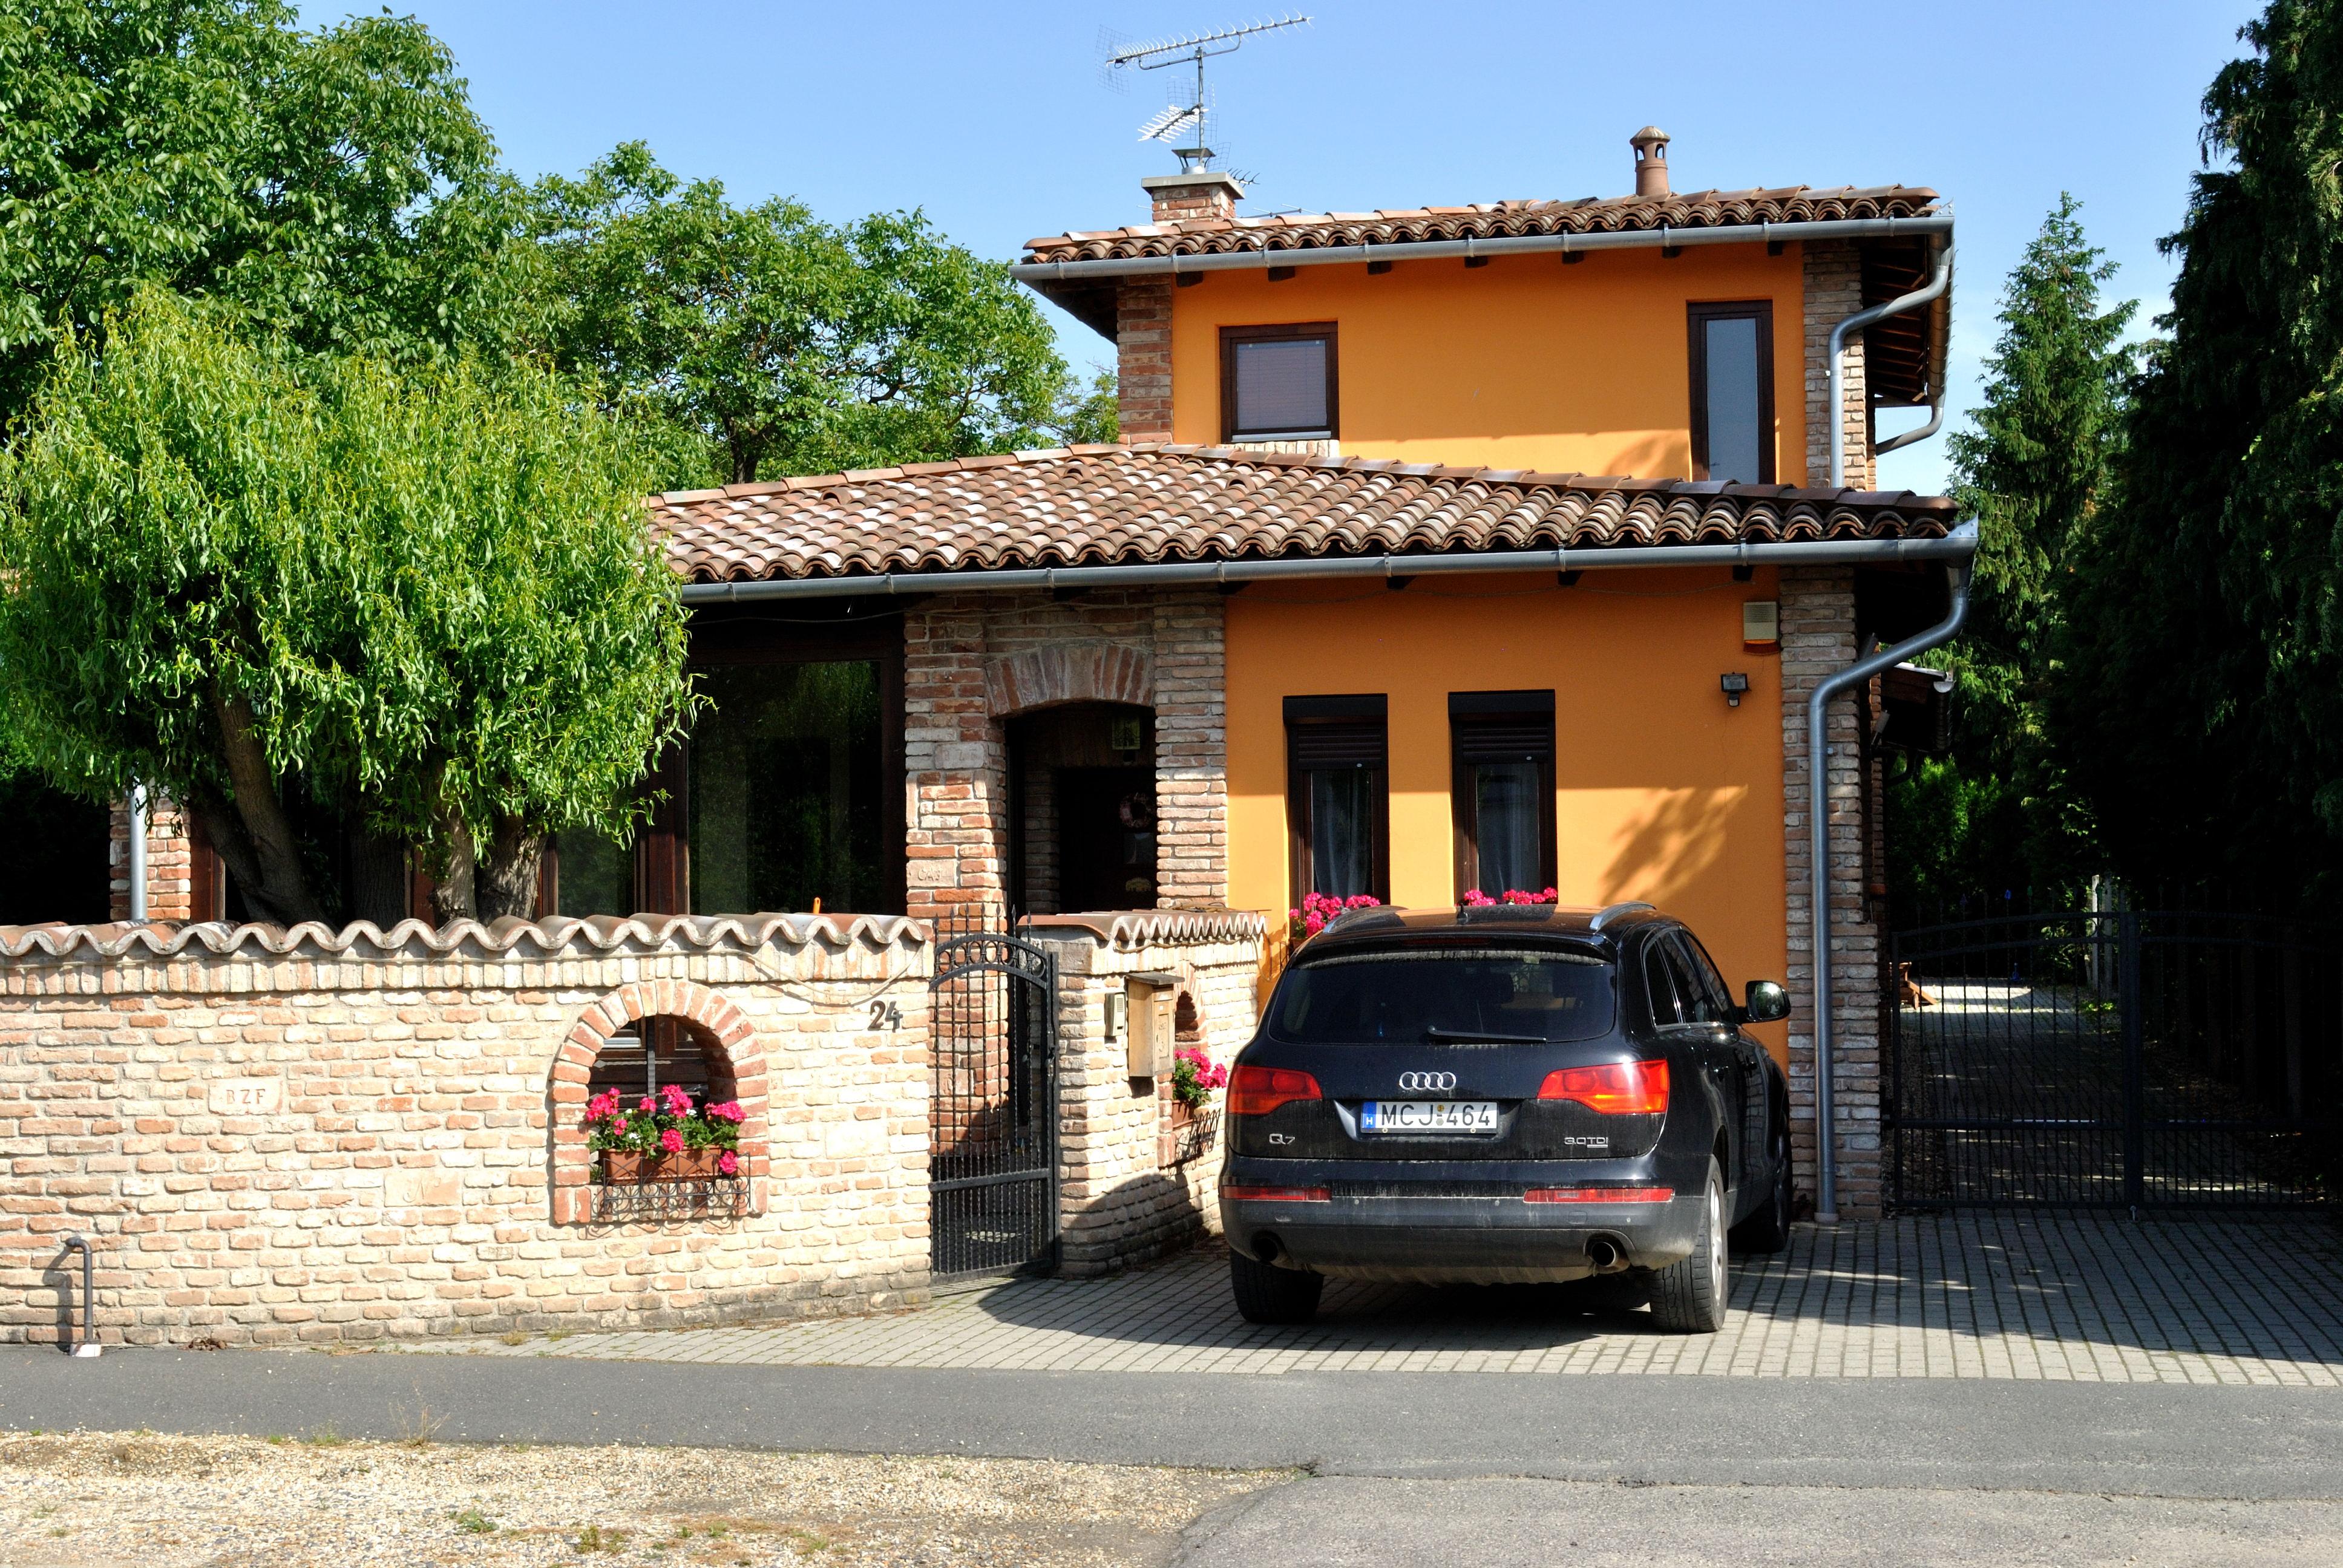 Szombathely, Fadrusz János utca 24., Építés éve 2003, Alapterület 155 m2